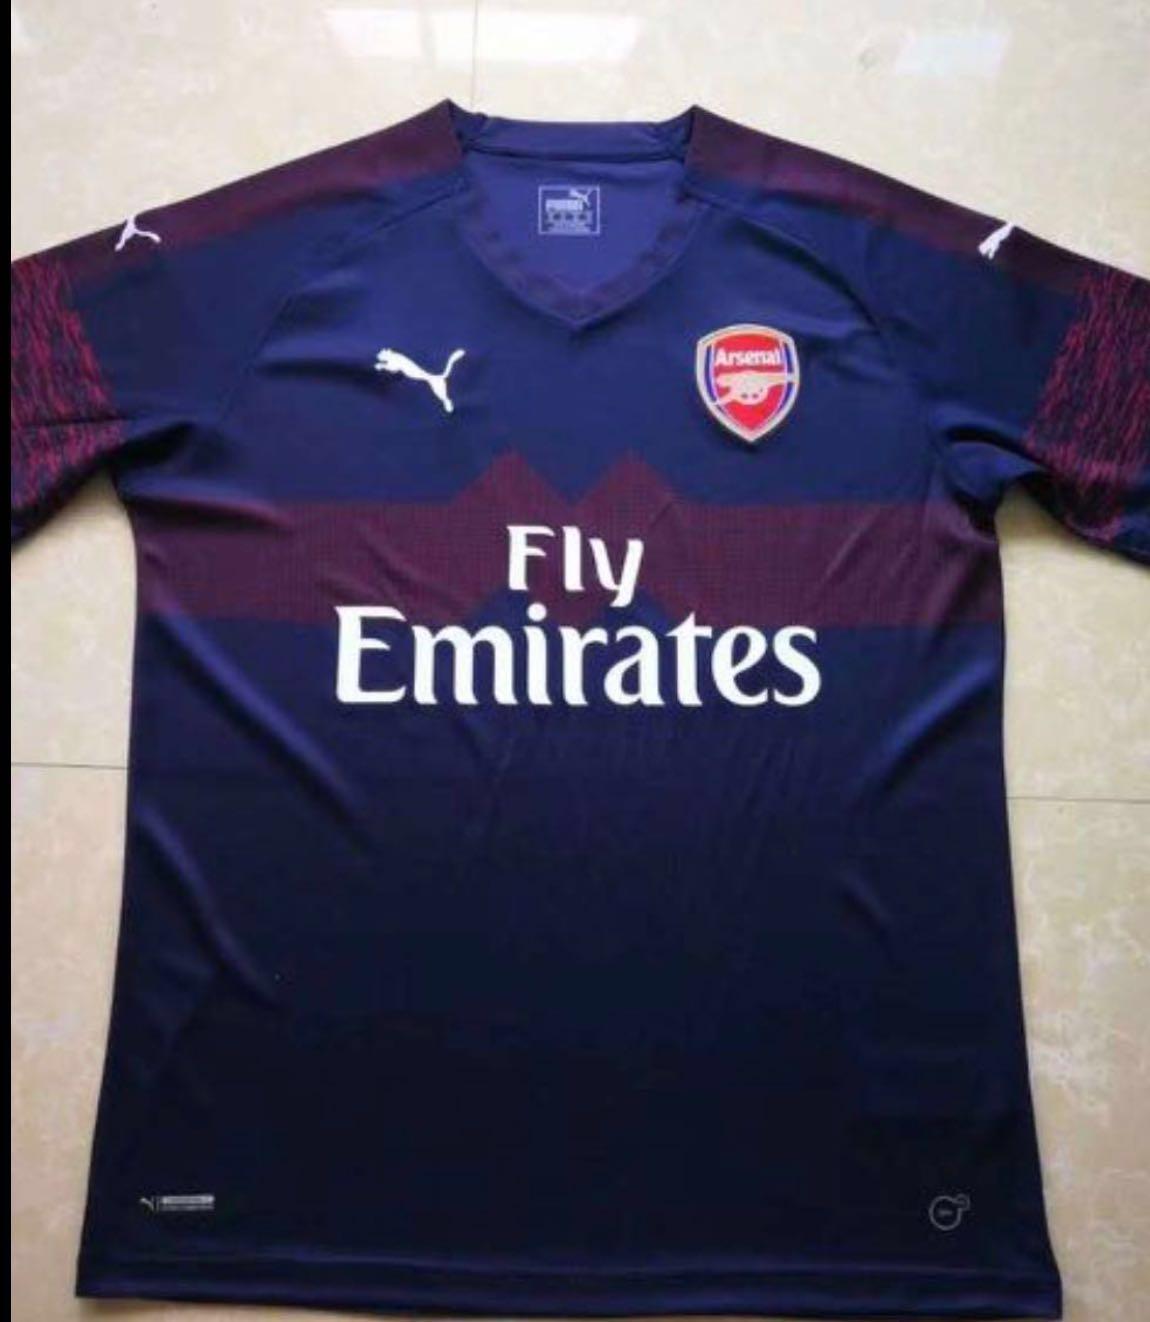 65995b67ed3 18 19 Arsenal away jersey Arsenal away kit 2018 2019 Arsenal jersey ...